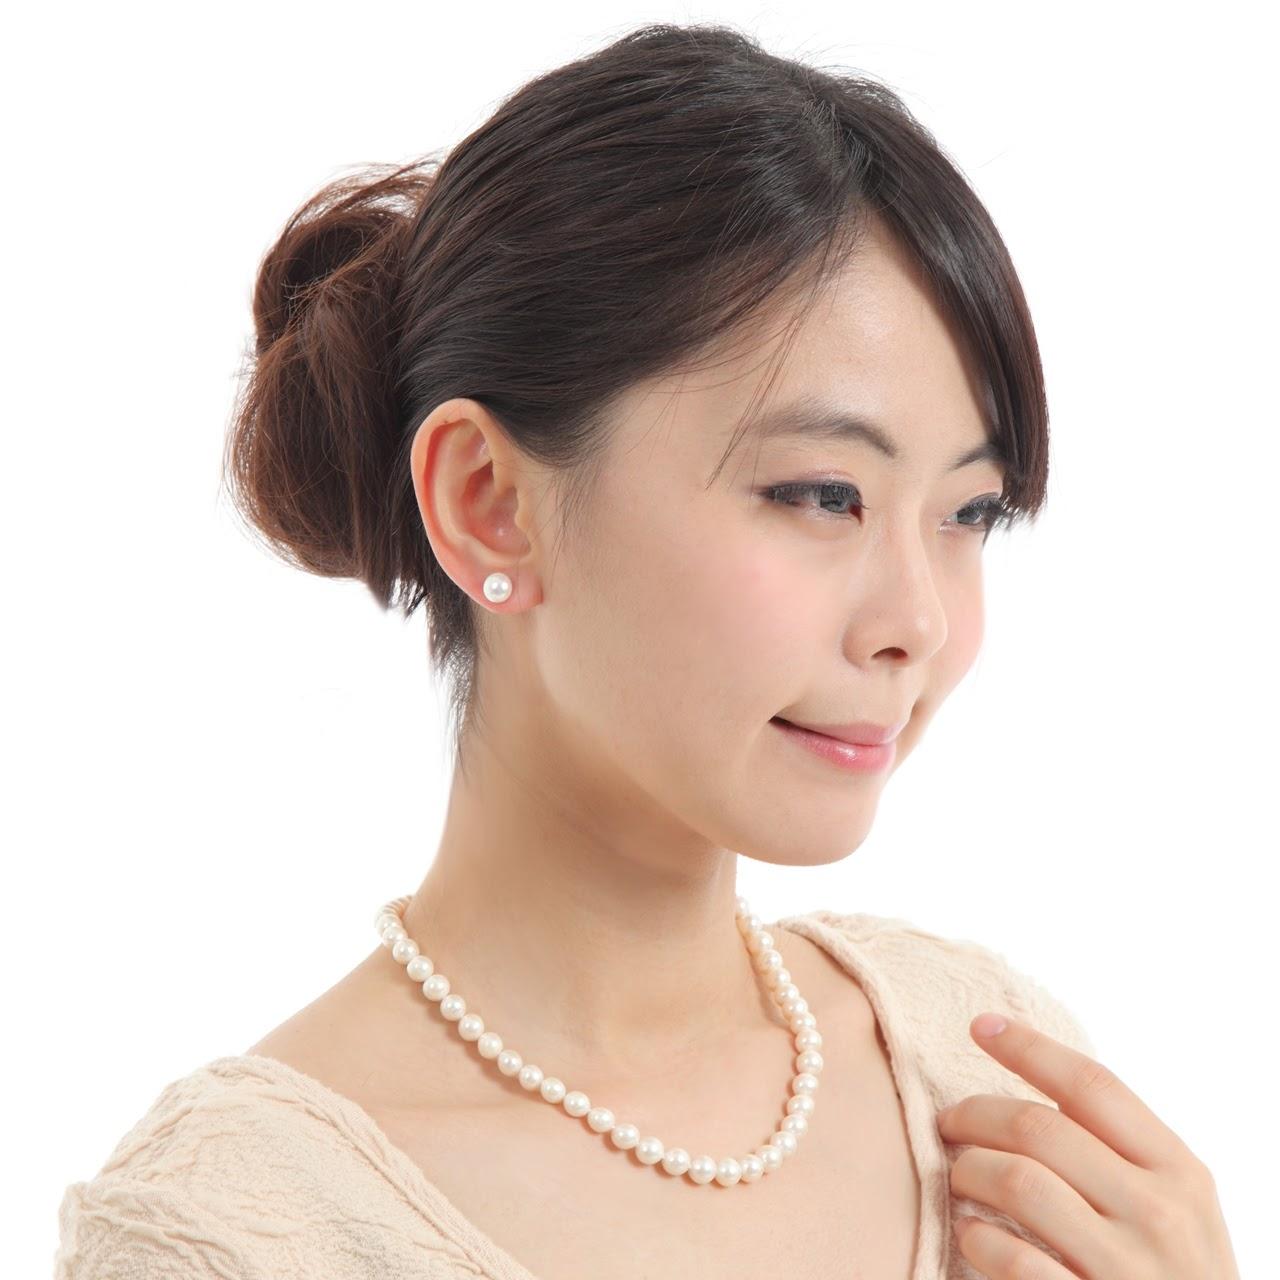 冠婚葬祭 パール 大粒 7.5-8mm珠使用 定番42-43cm 冠婚葬祭向け本真珠ネックレス&ピアスセット 大粒 8mm